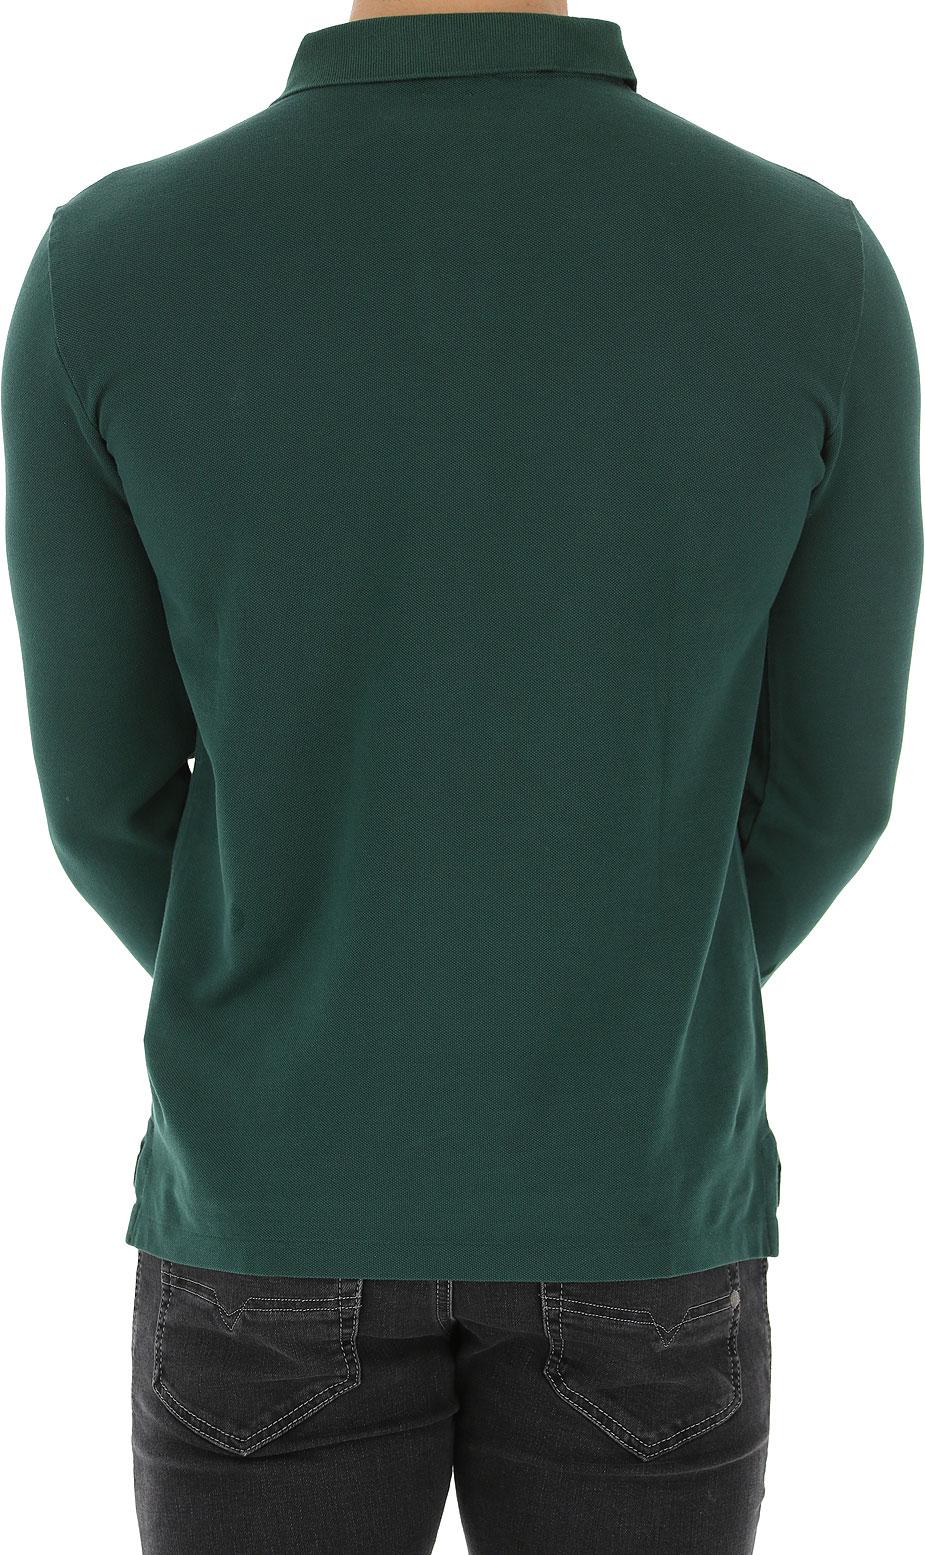 Abbigliamento Uomo Ralph Lauren, Codice Articolo: xzfx9-xyfw0-xwggn